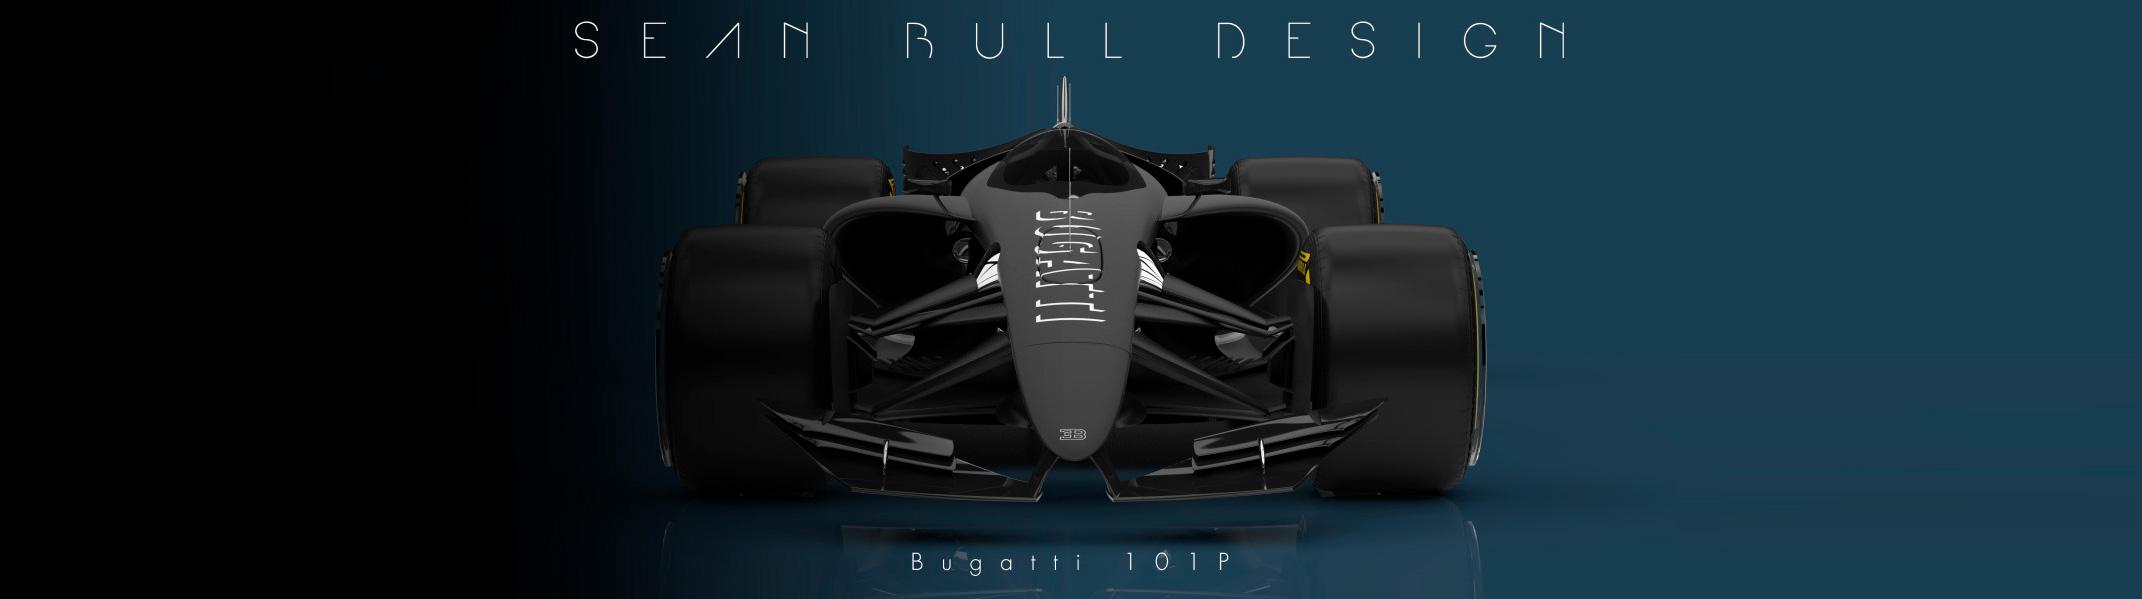 Bugatti 101P F1 Concept by Sean Bull